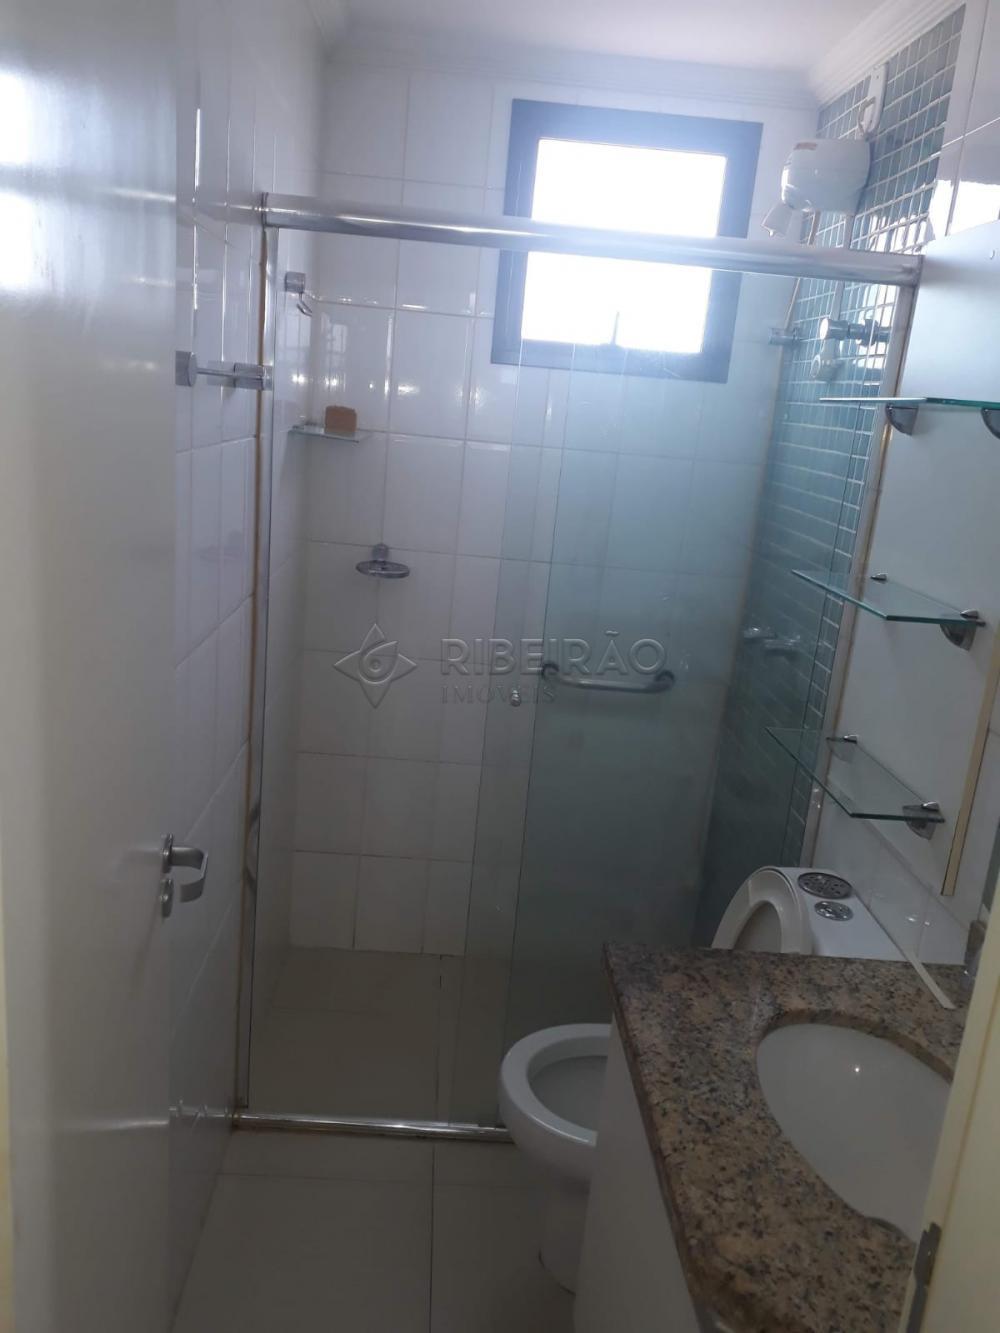 Comprar Apartamento / Padrão em Ribeirão Preto apenas R$ 600.000,00 - Foto 45